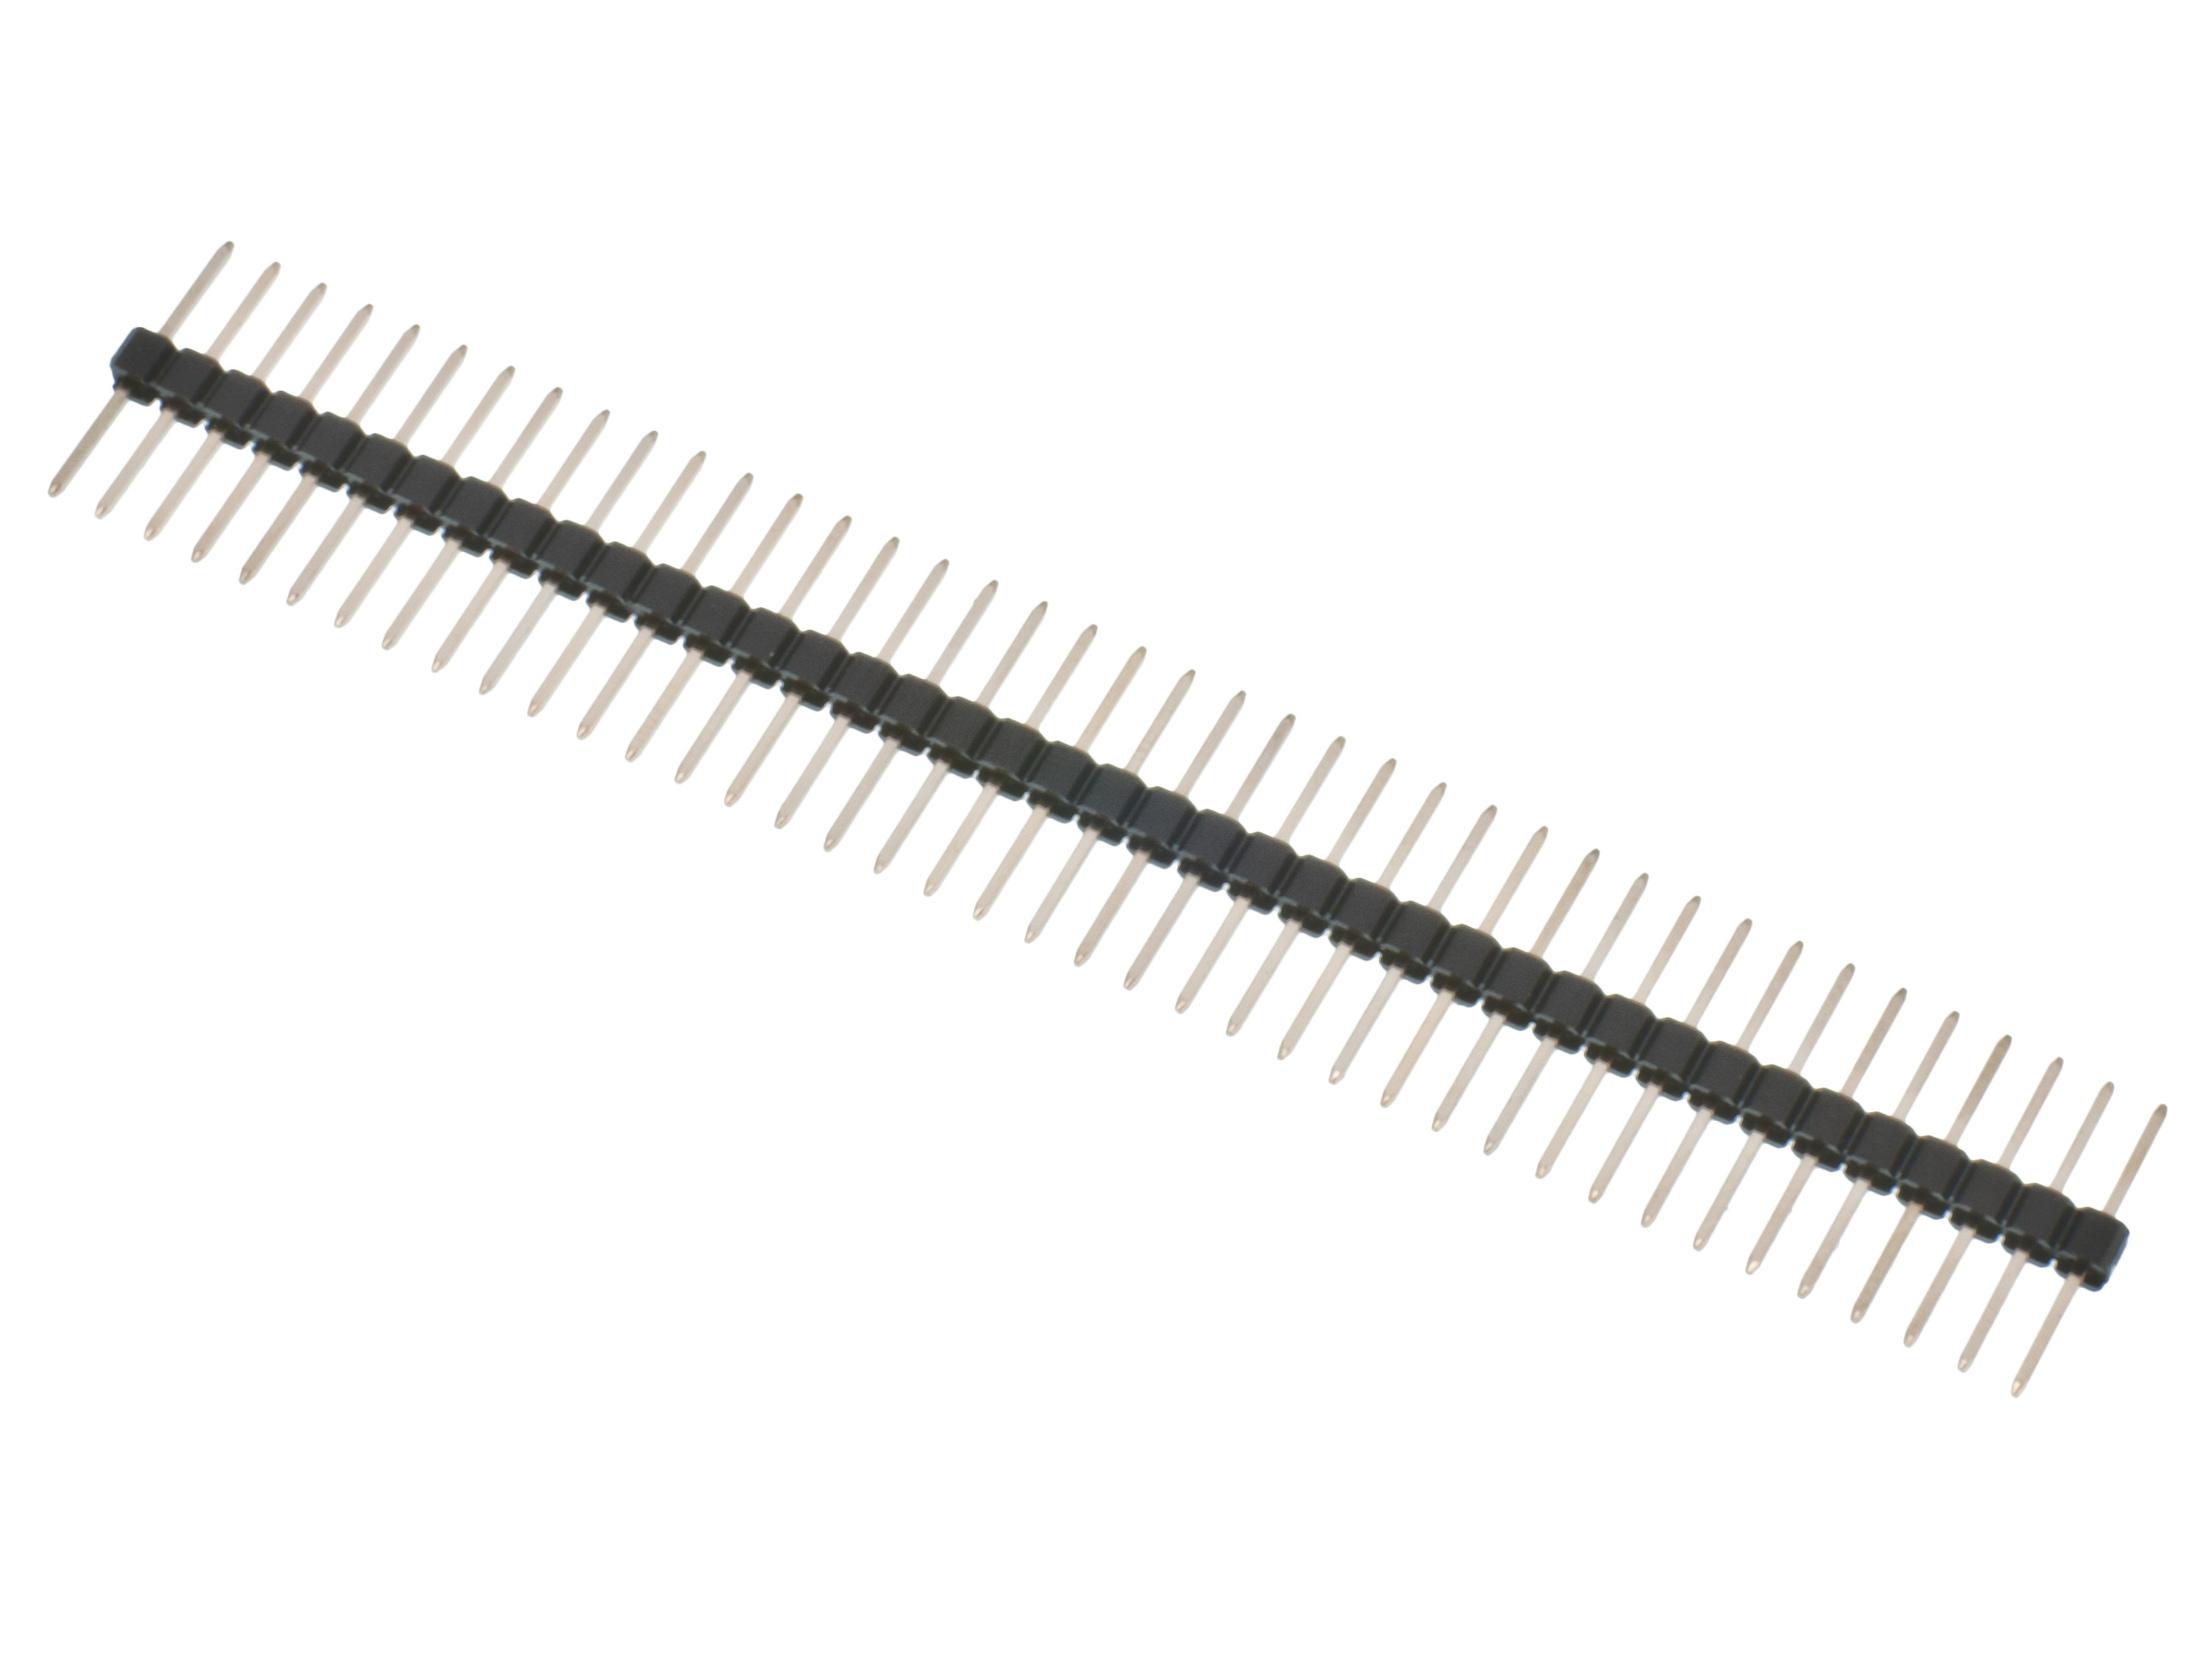 Buy Pin Header 2 54mm 1x40p Long Pins At The Right Price